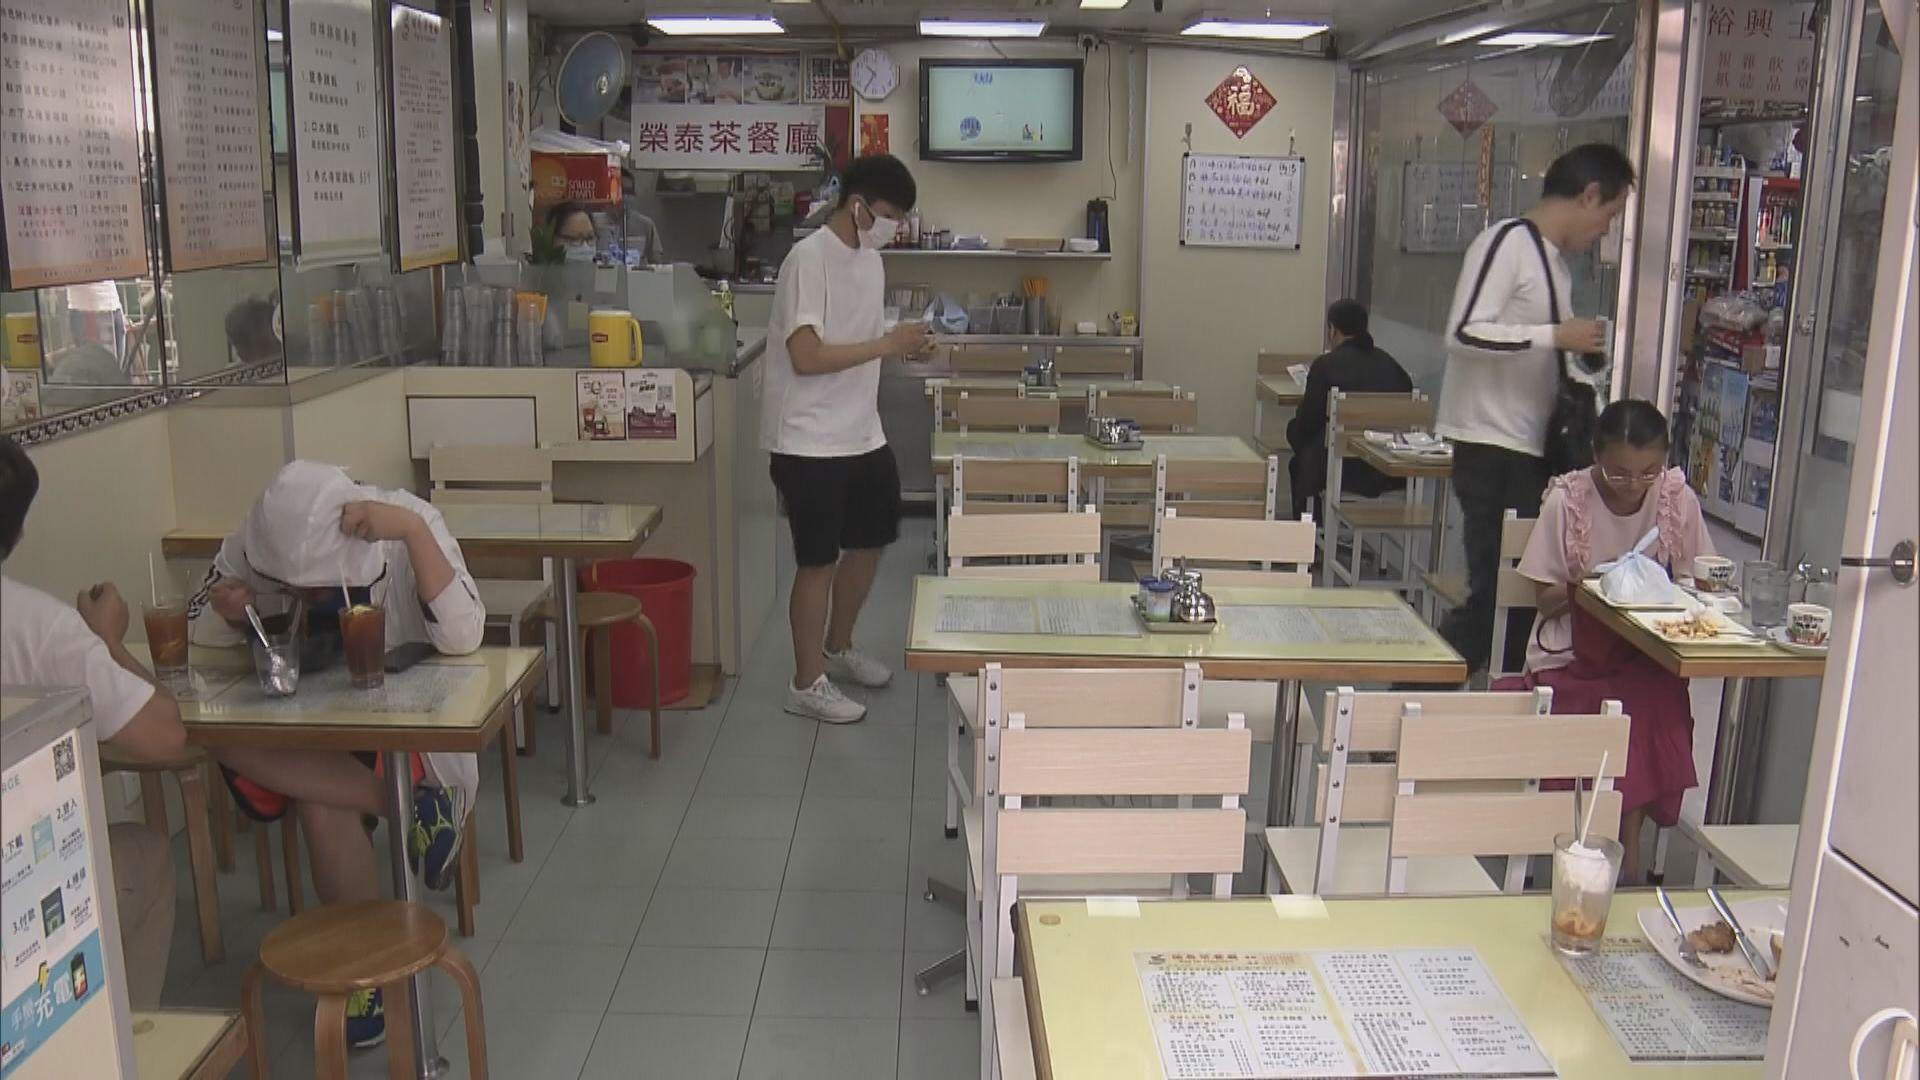 晚上禁堂食 餐飲業界估計七月生意額跌六成